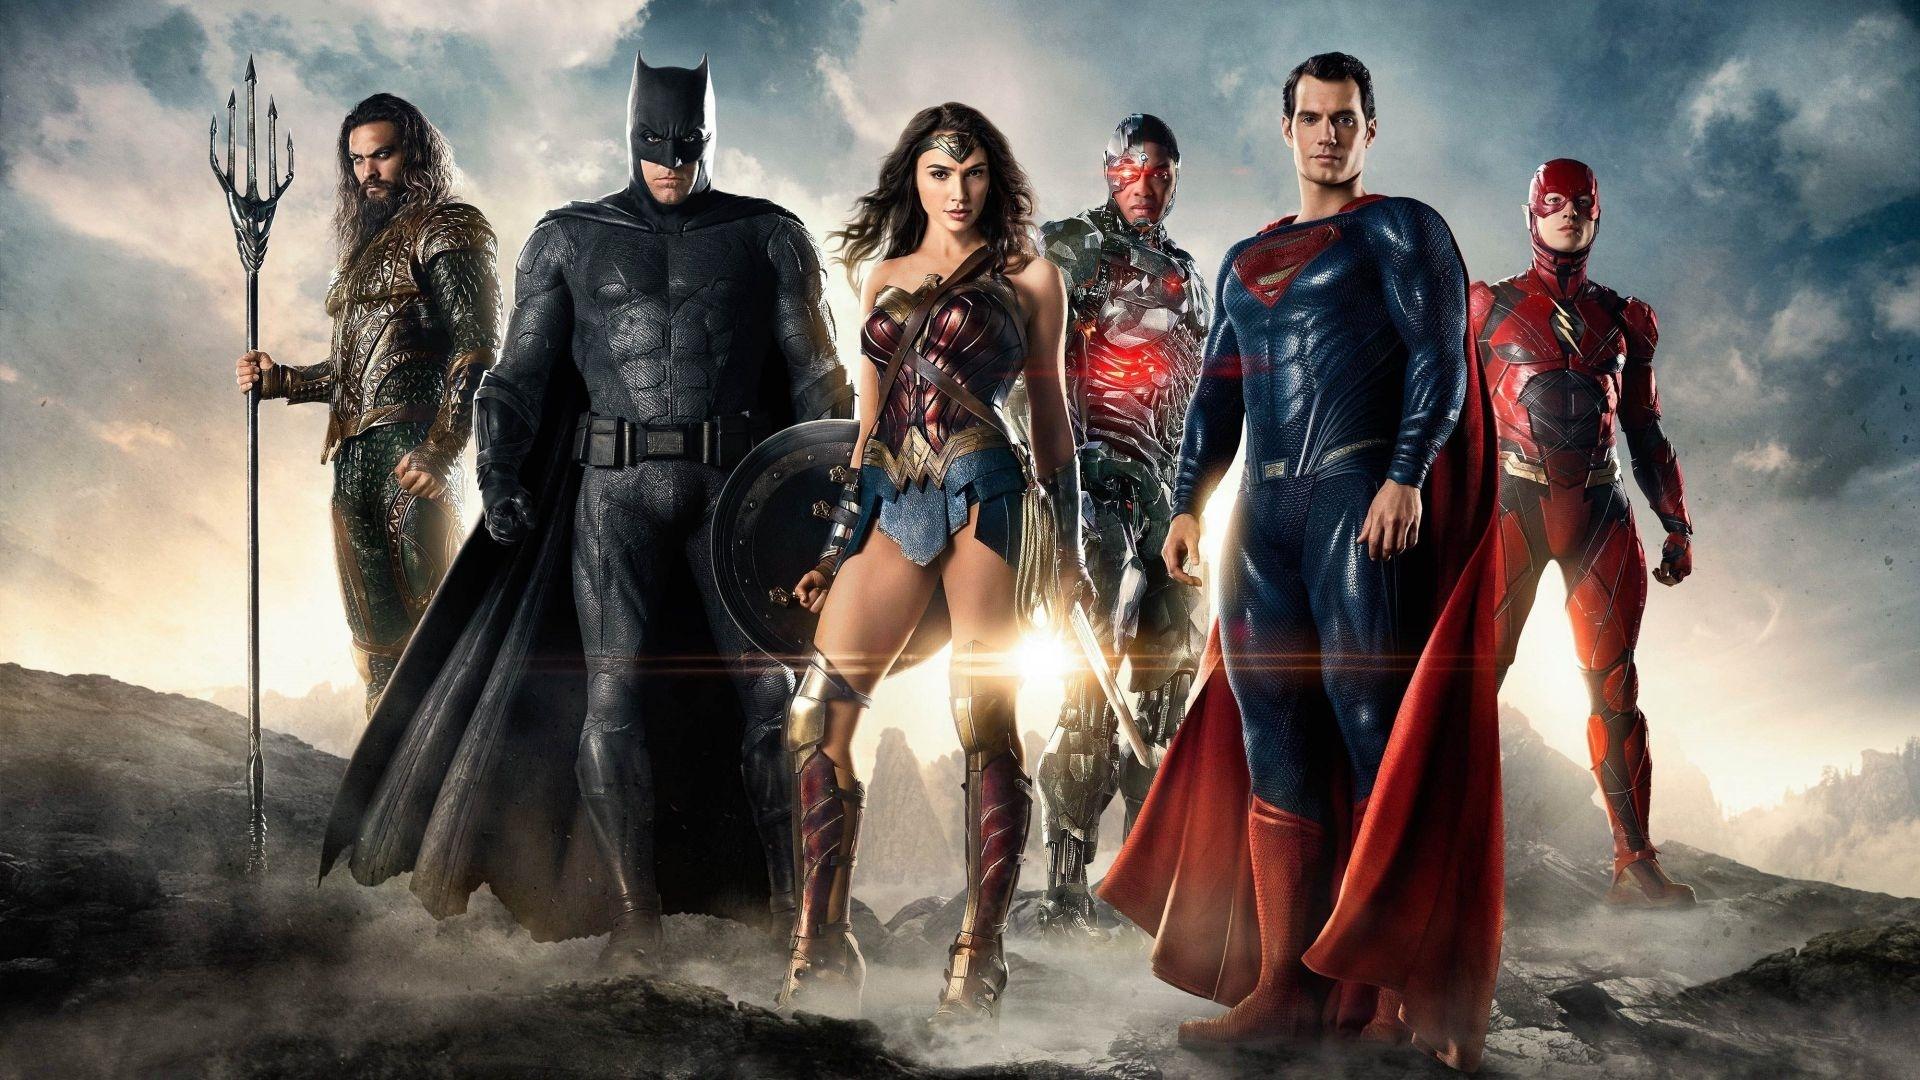 Justice League pc wallpaper